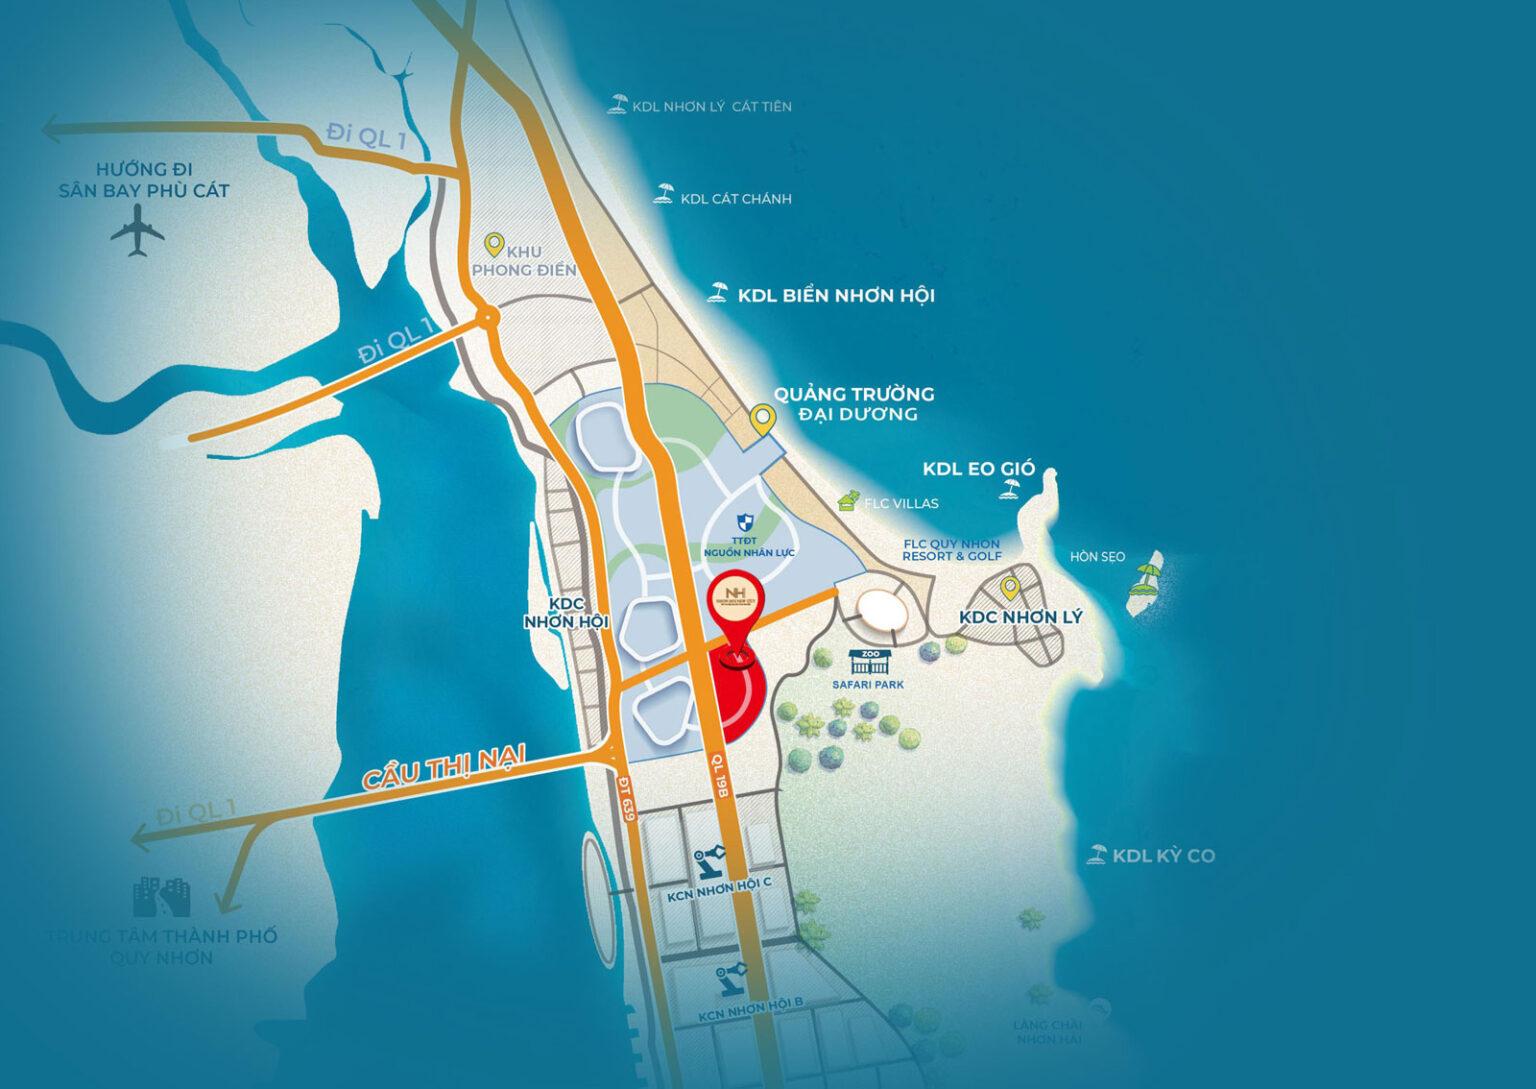 Vị trí dự án đất nền Nhơn Hội New city